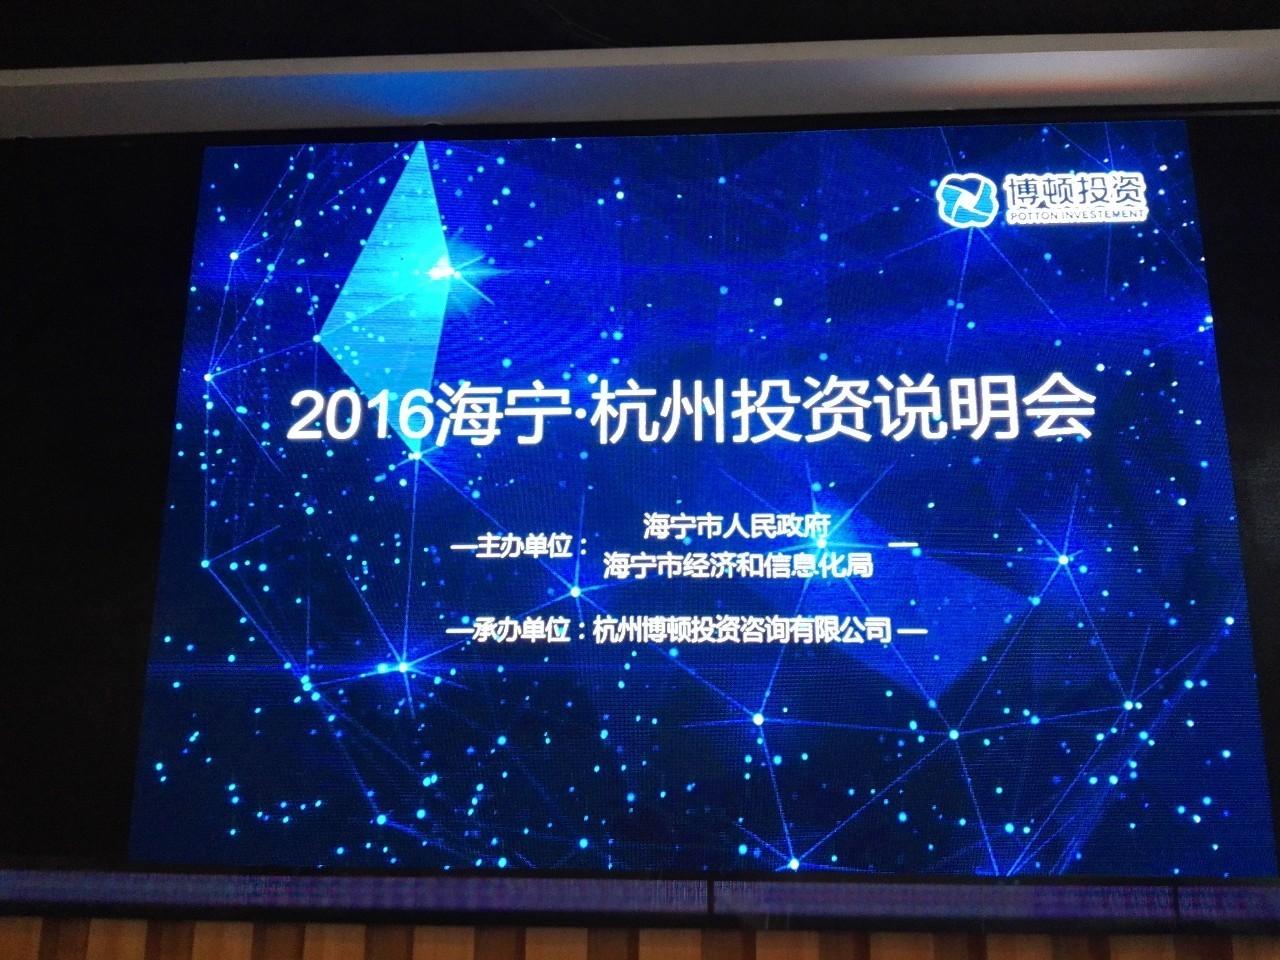 2016海宁·杭州投资说明会